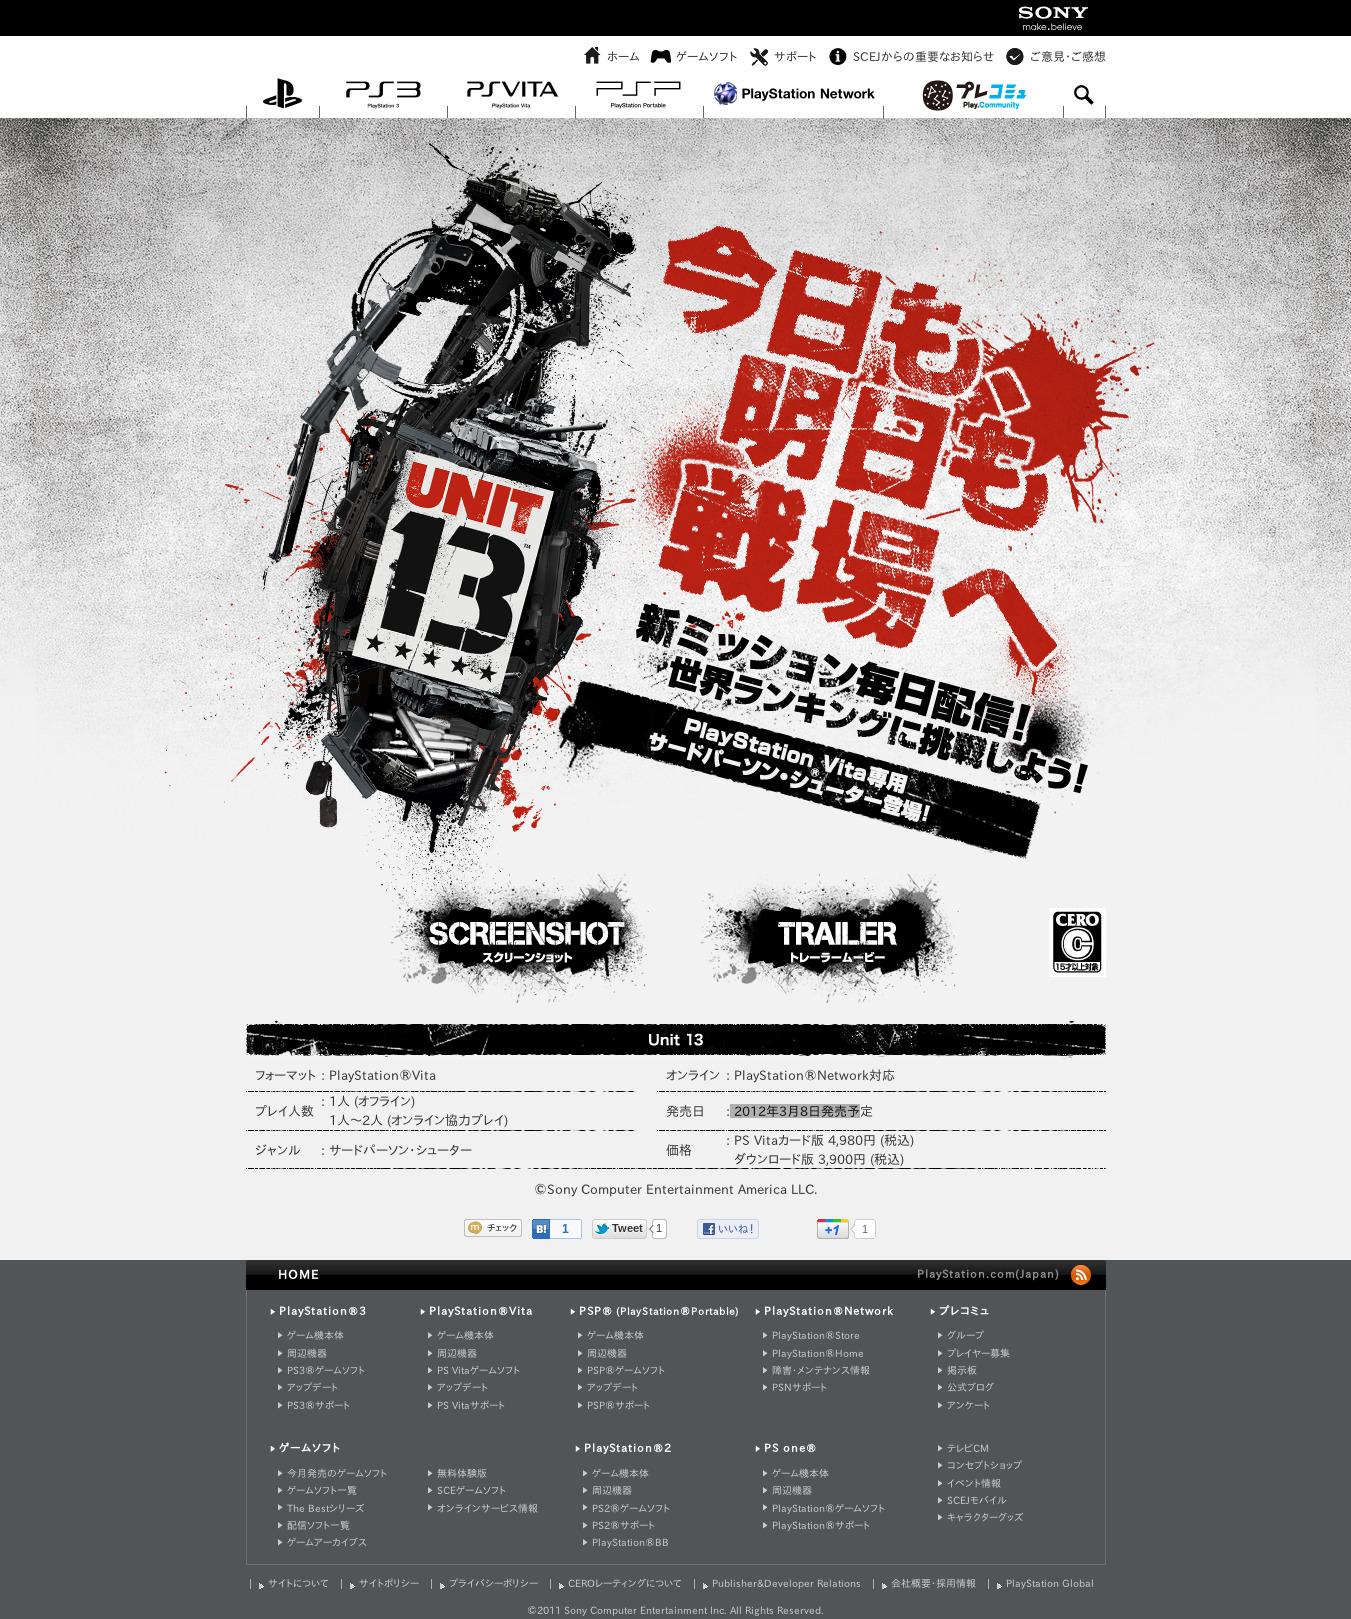 Unit 13  プレイステーションR オフィシャルサイト